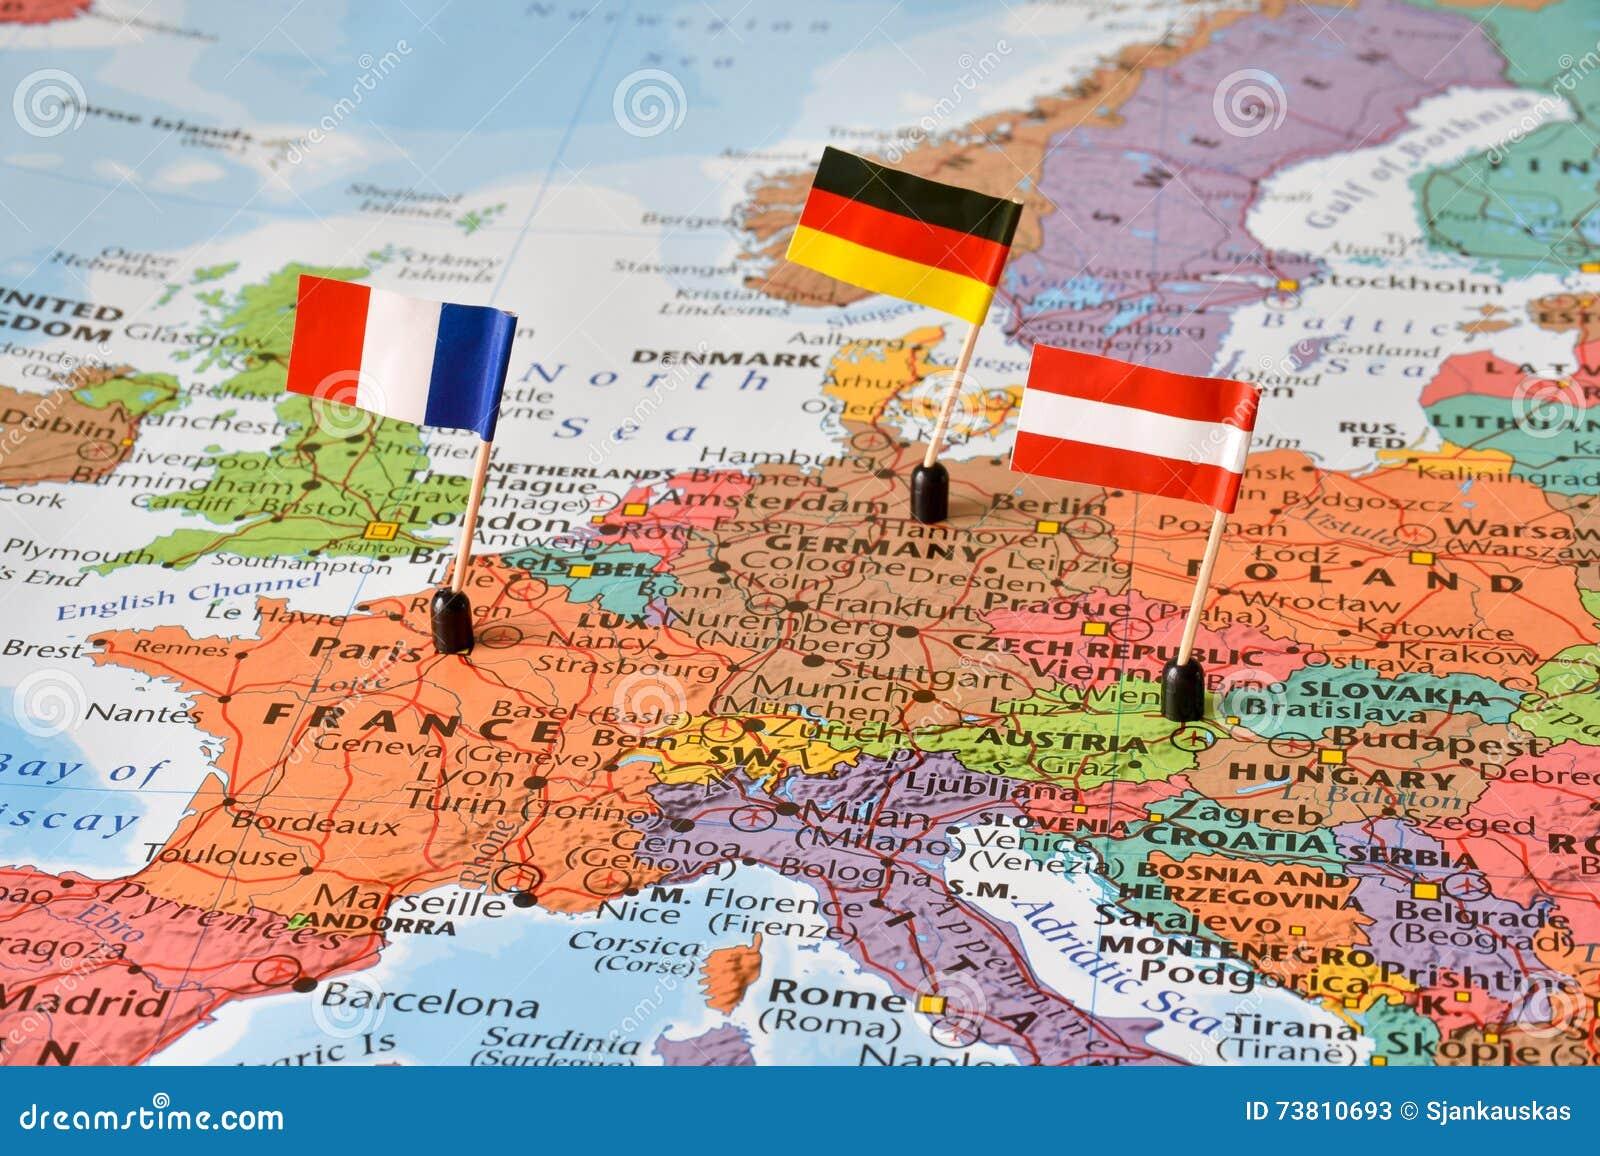 Karte Der Westeuropa Lander Deutschland Frankreich Osterreich